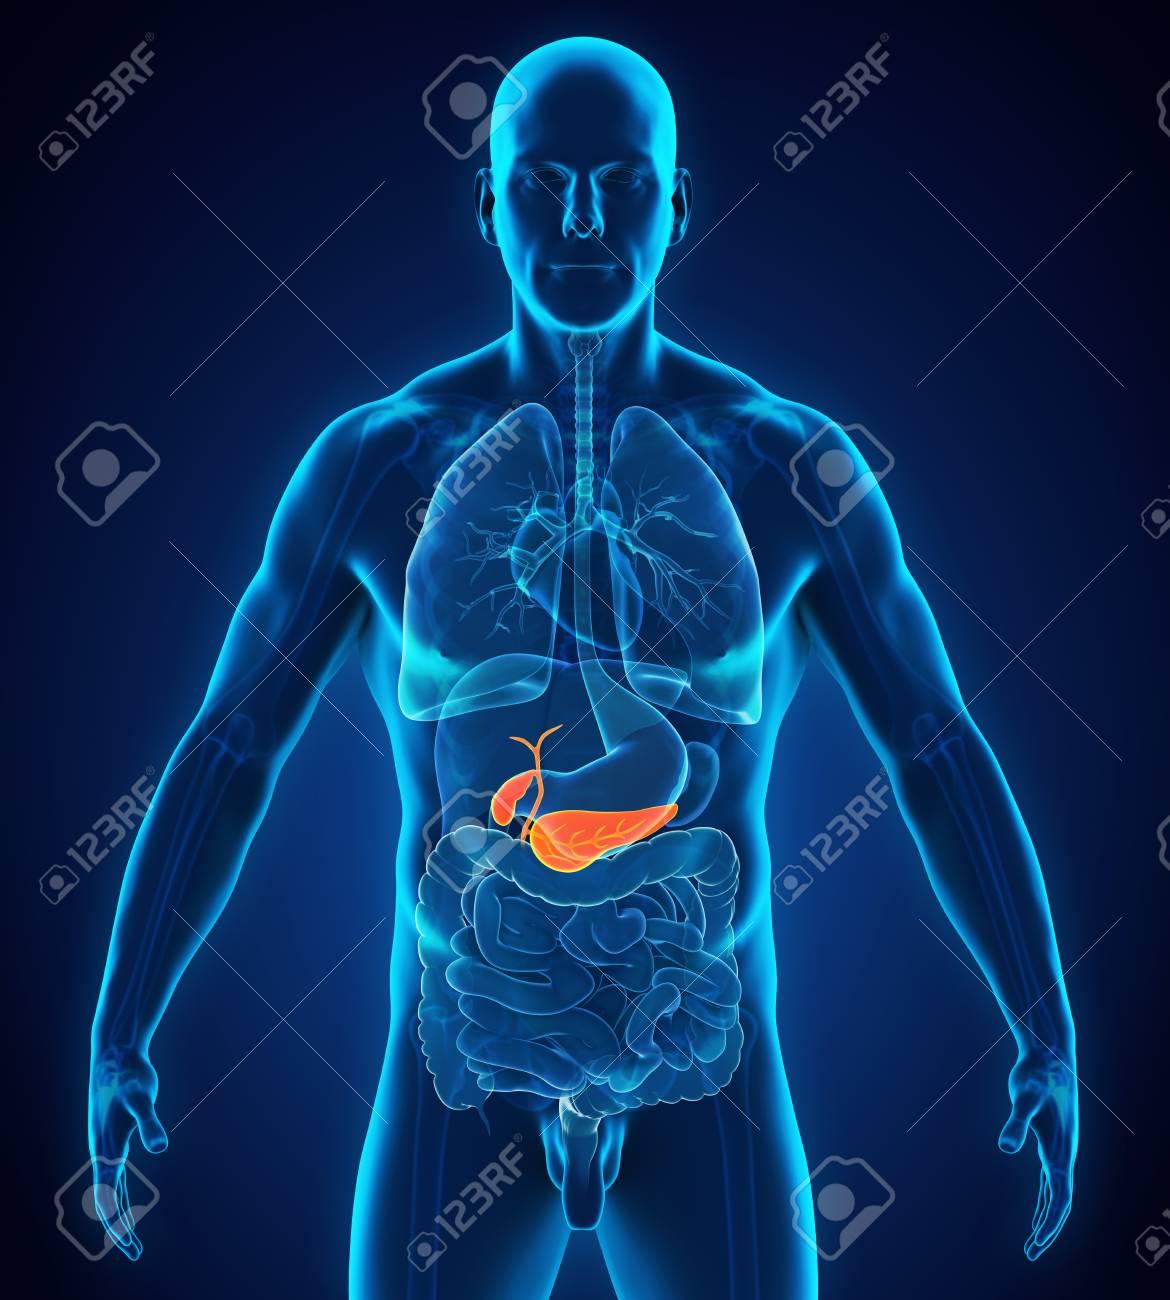 Vesícula Biliar Humana Y Anatomía Del Páncreas Fotos, Retratos ...